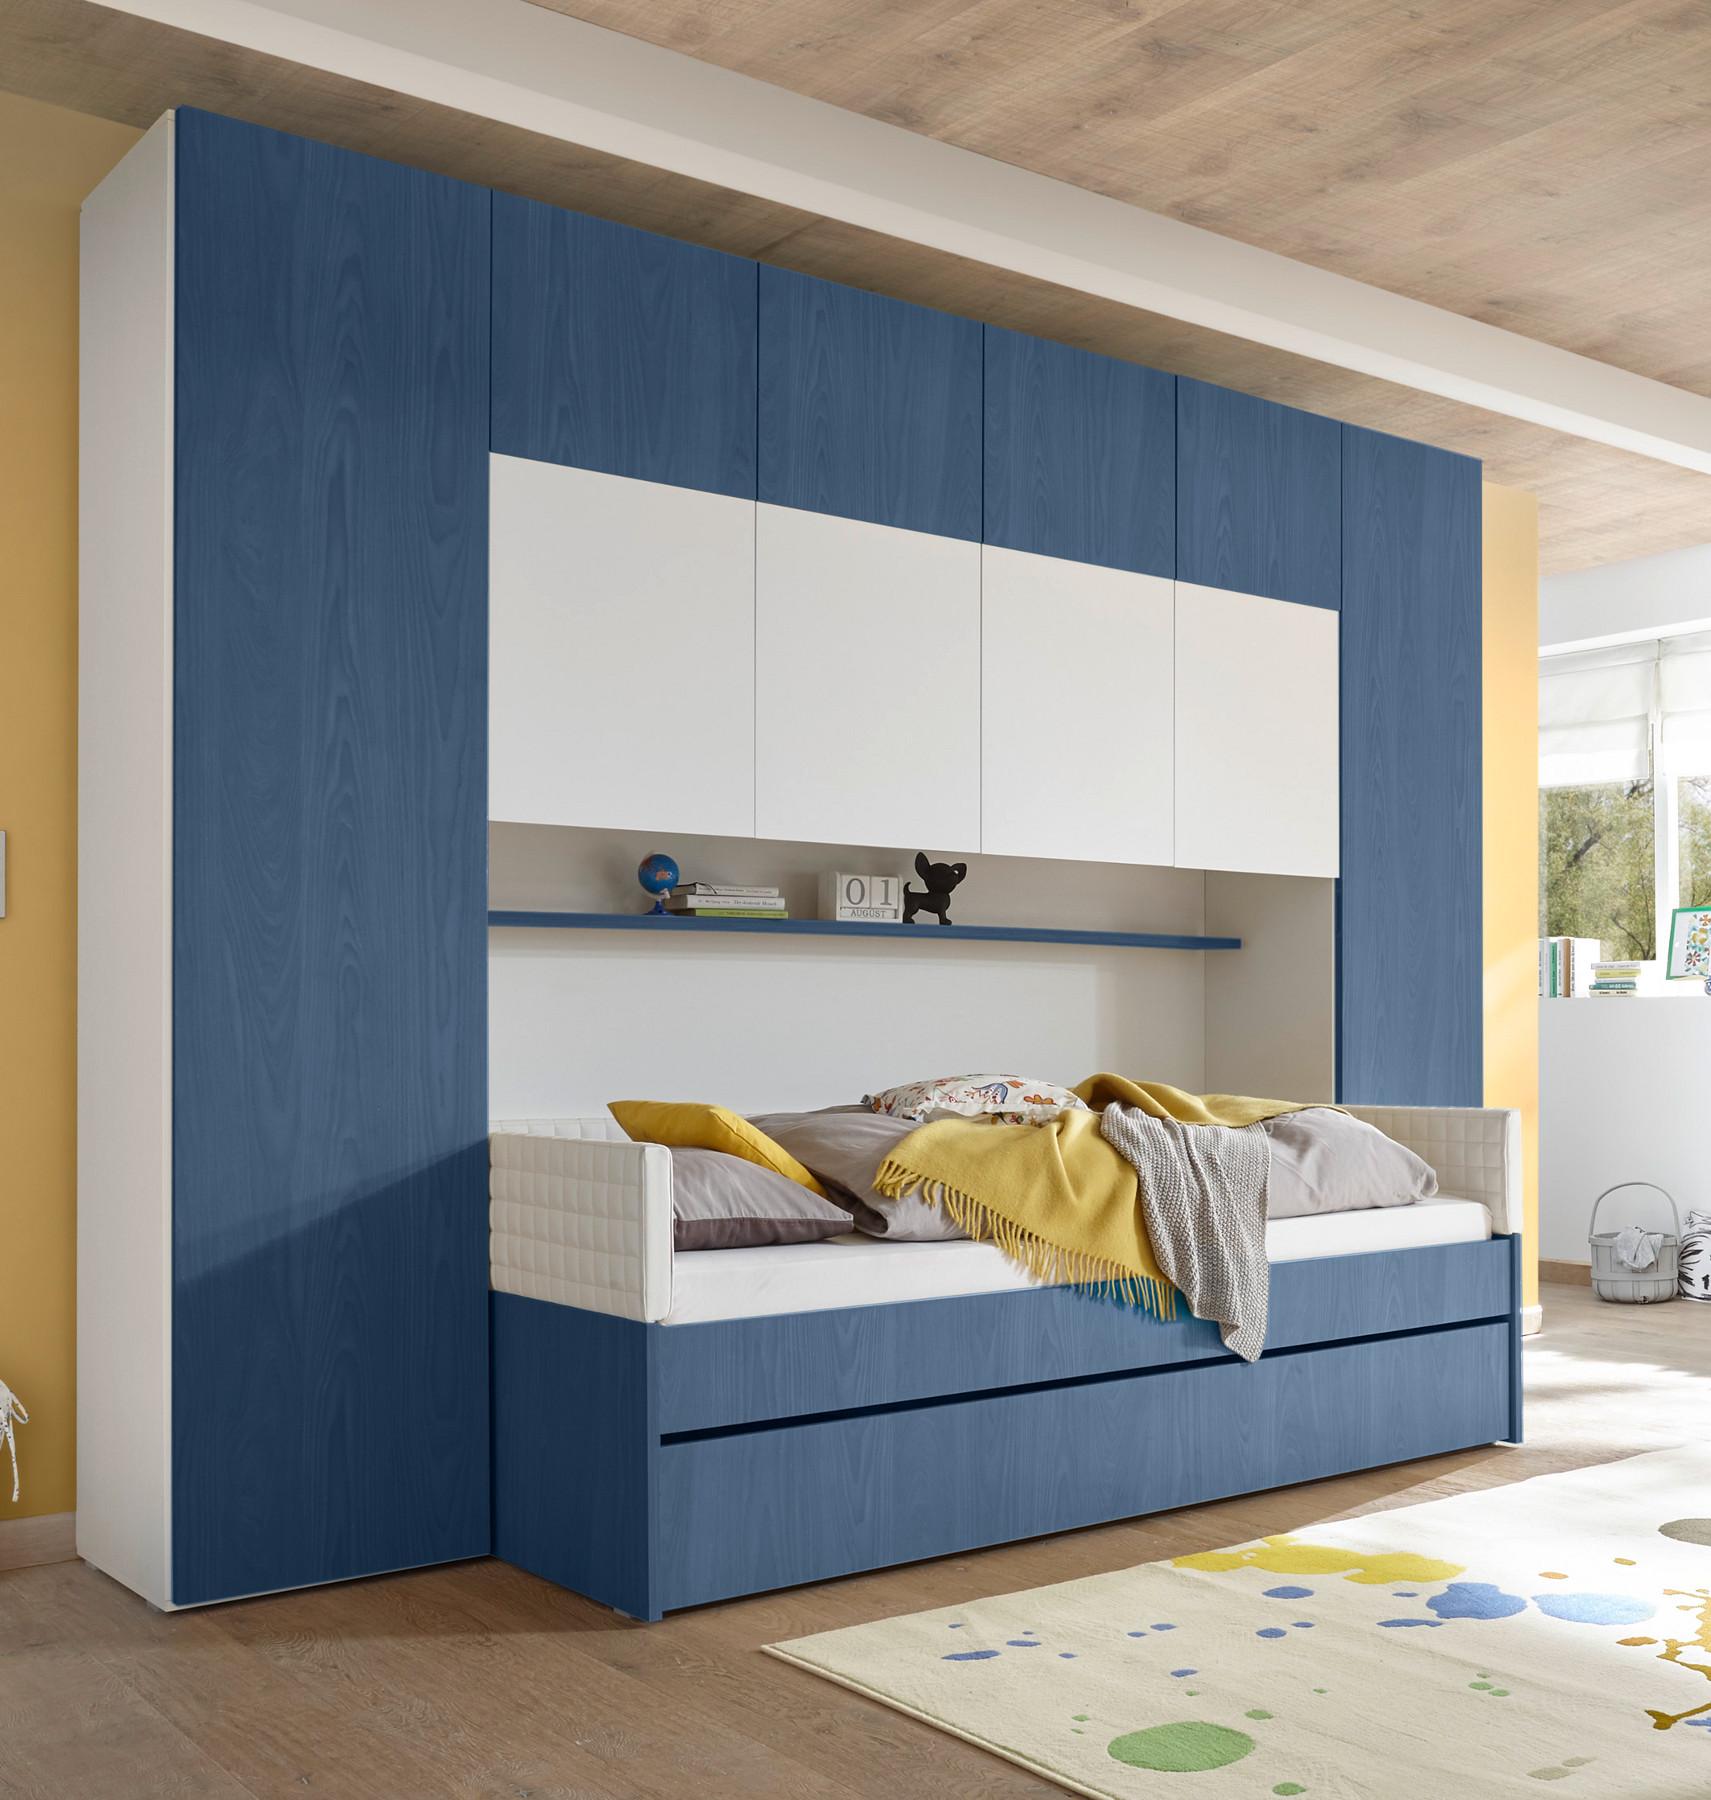 Full Size of Bett Mit Bettbrcke Weiss Blau Joylin24 Designermbel Moderne Somnus Betten Kiefer 90x200 Badewanne Bette Paradies Wickelbrett Für Münster Team 7 Roba Bett Jugendzimmer Bett